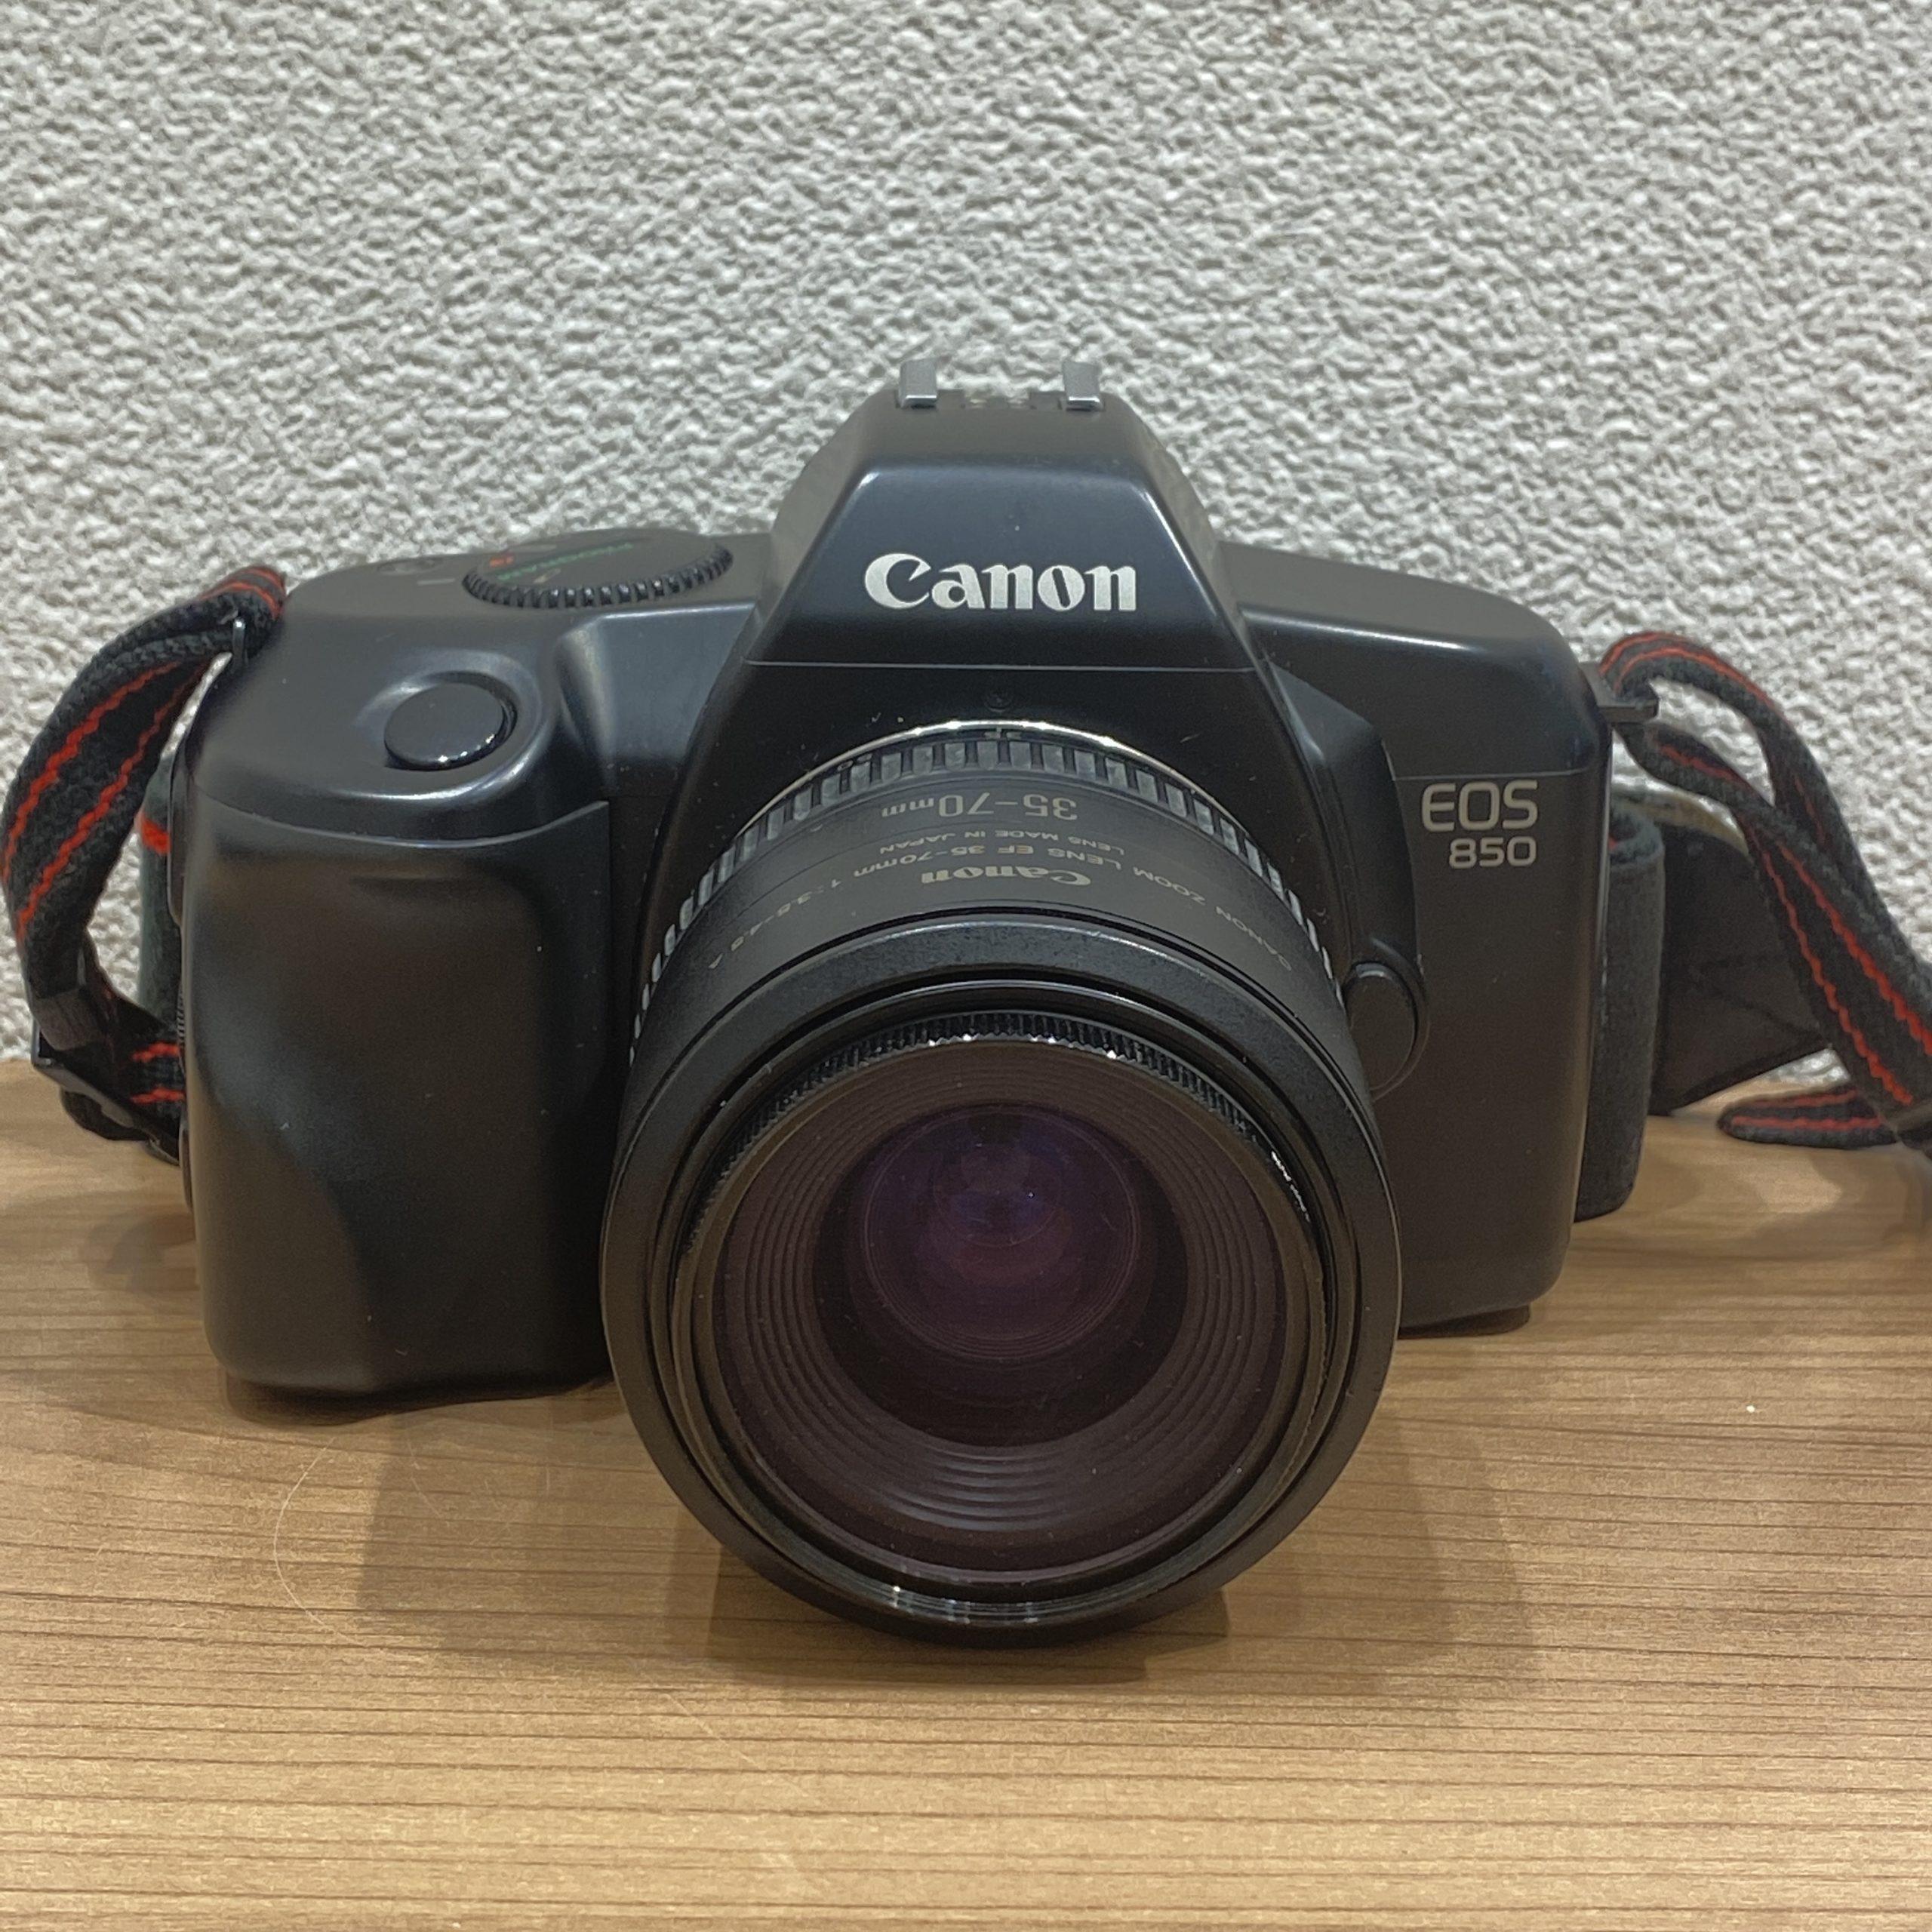 【Canon/キャノン】EOS 850 フィルムカメラ 35-70mm 1:3.5-4.5A